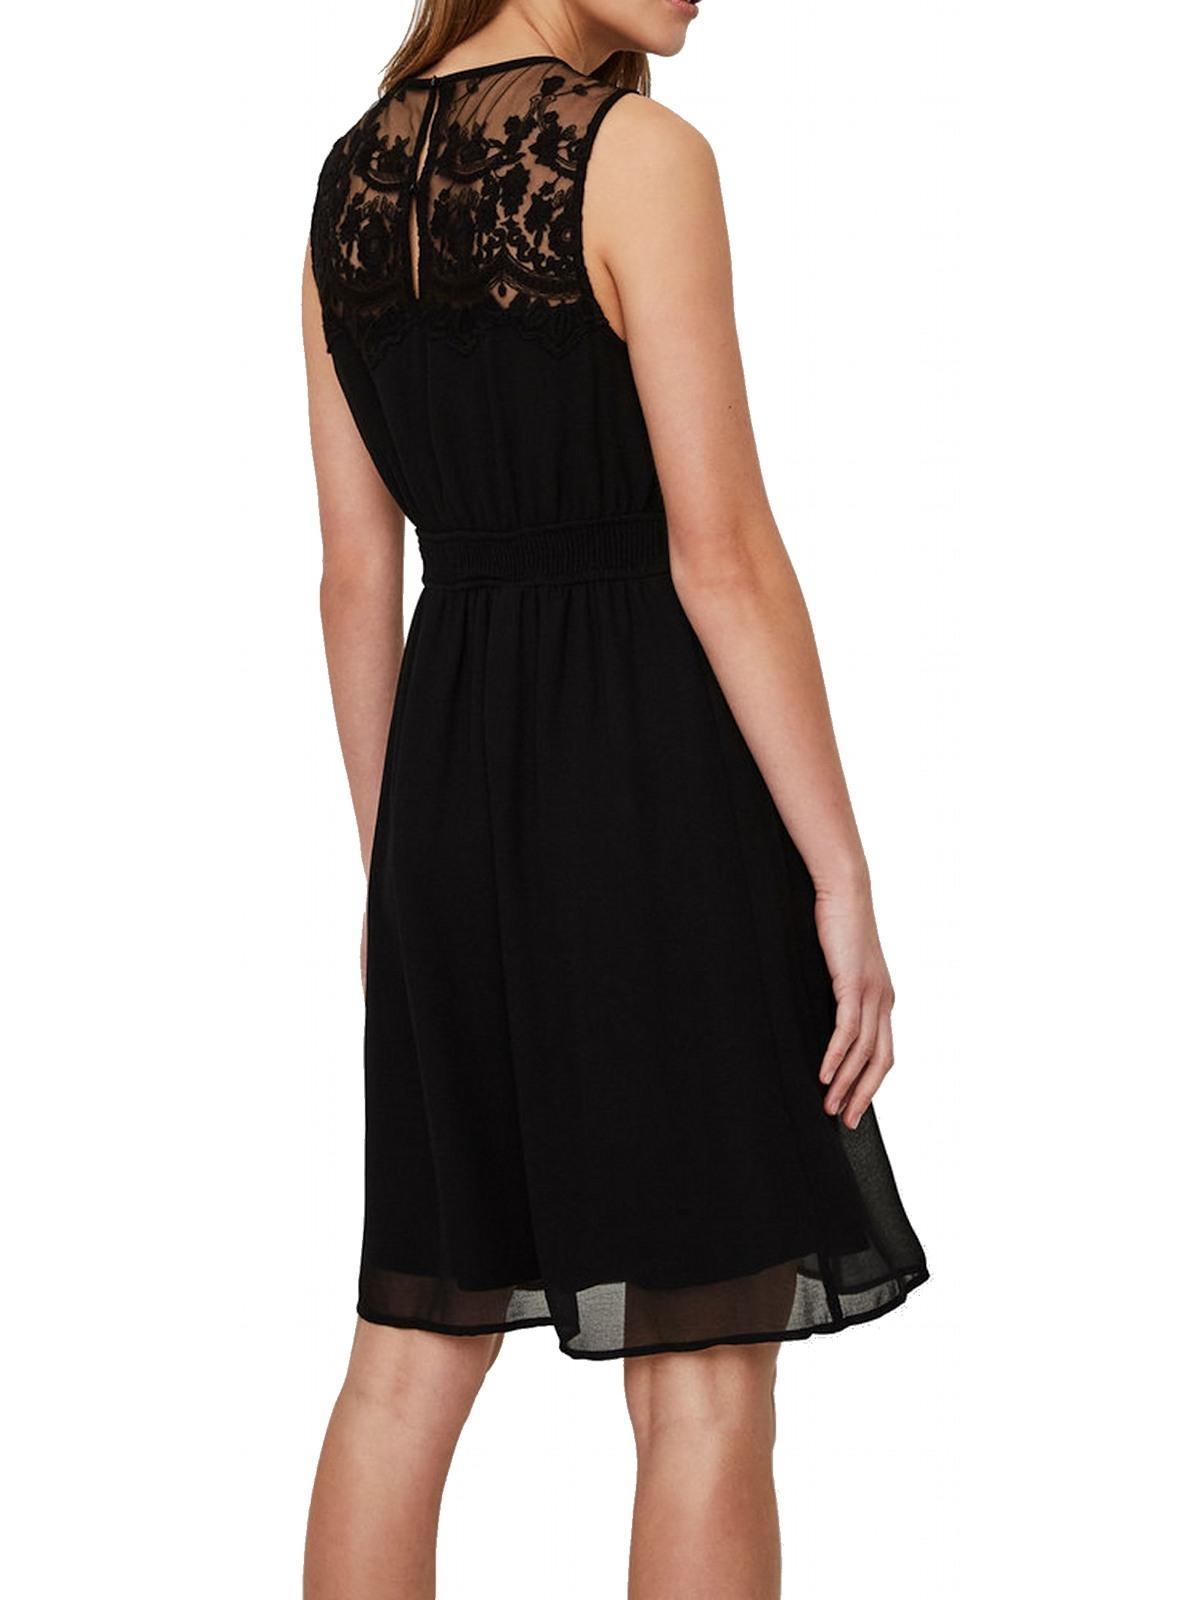 Abend Genial Damen Kleid Xl Vertrieb10 Fantastisch Damen Kleid Xl Galerie